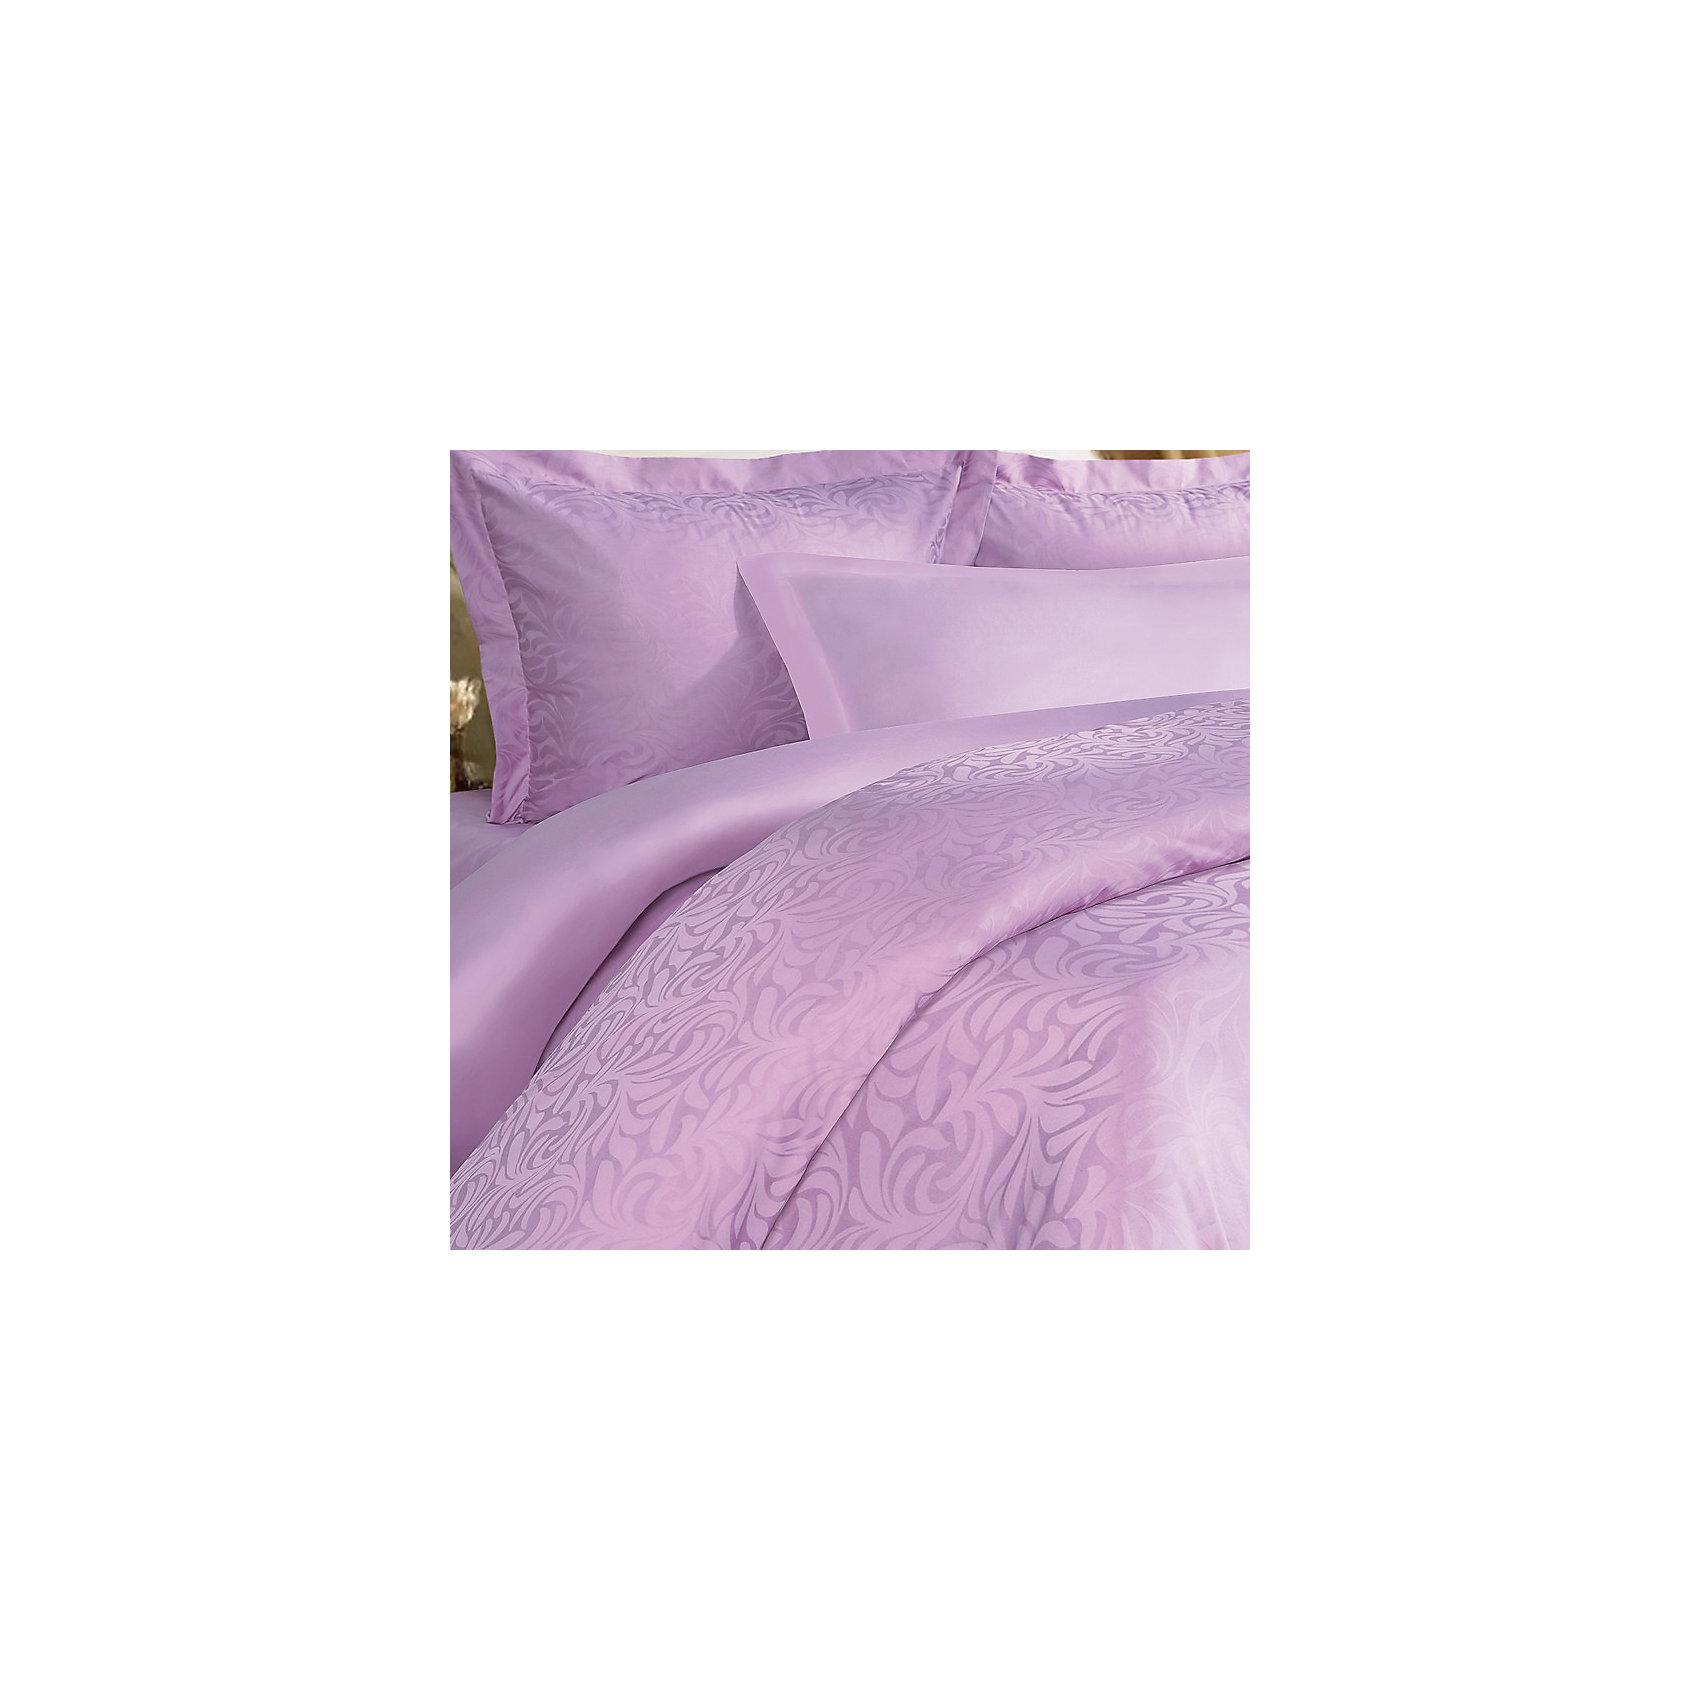 Постельное белье 2 сп Royal волна, Mona Liza, лаванда, нав. 70*70 (2 шт) и 50*70 (2 шт.)Взрослое постельное бельё<br>Характеристики:<br><br>• в комплекте: простыня, пододеяльник, 4 наволочки<br>• материал: сатин-жаккард<br>• состав: 100% хлопок<br>• размер пододеяльника: 175х210 см<br>• размер простыни: 240х215 см<br>• размер наволочек: 70х70 см- 2 шт.; 50х70 см - 2 шт.<br>• размер упаковки: 37х8х29 см<br>• вес: 2200 грамм<br><br>Белье из натурального хлопка имеет опрятный внешний вид, который сохраняется даже после множества стирок. Хлопок не раздражает кожу, обладает высокой гигроскопичностью и воздухопроницаемостью. Спать на таком белье очень приятно и комфортно.<br><br>Постельное белье 2 сп Royal волна, Mona Liza (Мона Лиза), лаванда, нав. 70*70 (2 шт) и 50*70 (2 шт.) вы можете купить в нашем интернет-магазине.<br><br>Ширина мм: 290<br>Глубина мм: 80<br>Высота мм: 370<br>Вес г: 2200<br>Возраст от месяцев: 144<br>Возраст до месяцев: 600<br>Пол: Унисекс<br>Возраст: Детский<br>SKU: 6765280